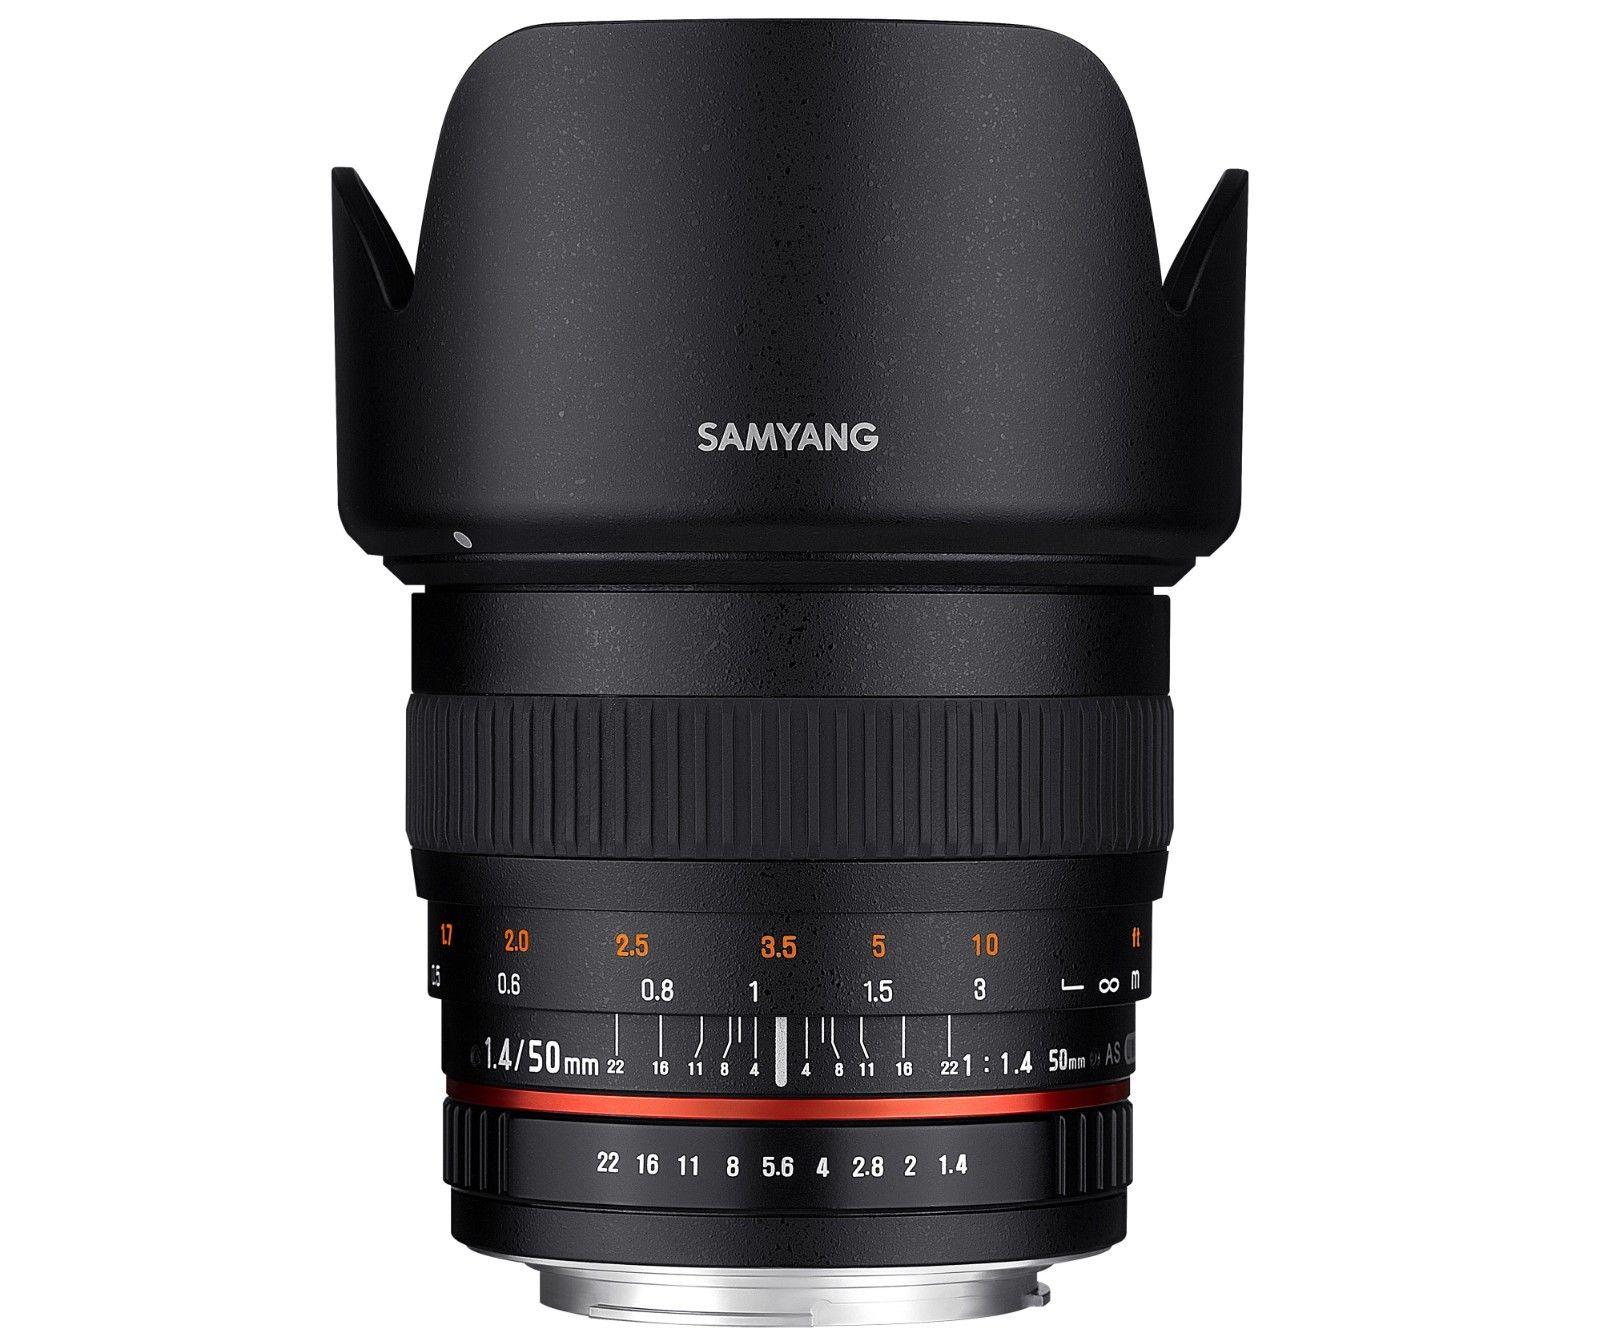 Samyang 50mm F1.4 AS UMC Full Frame For Nikon